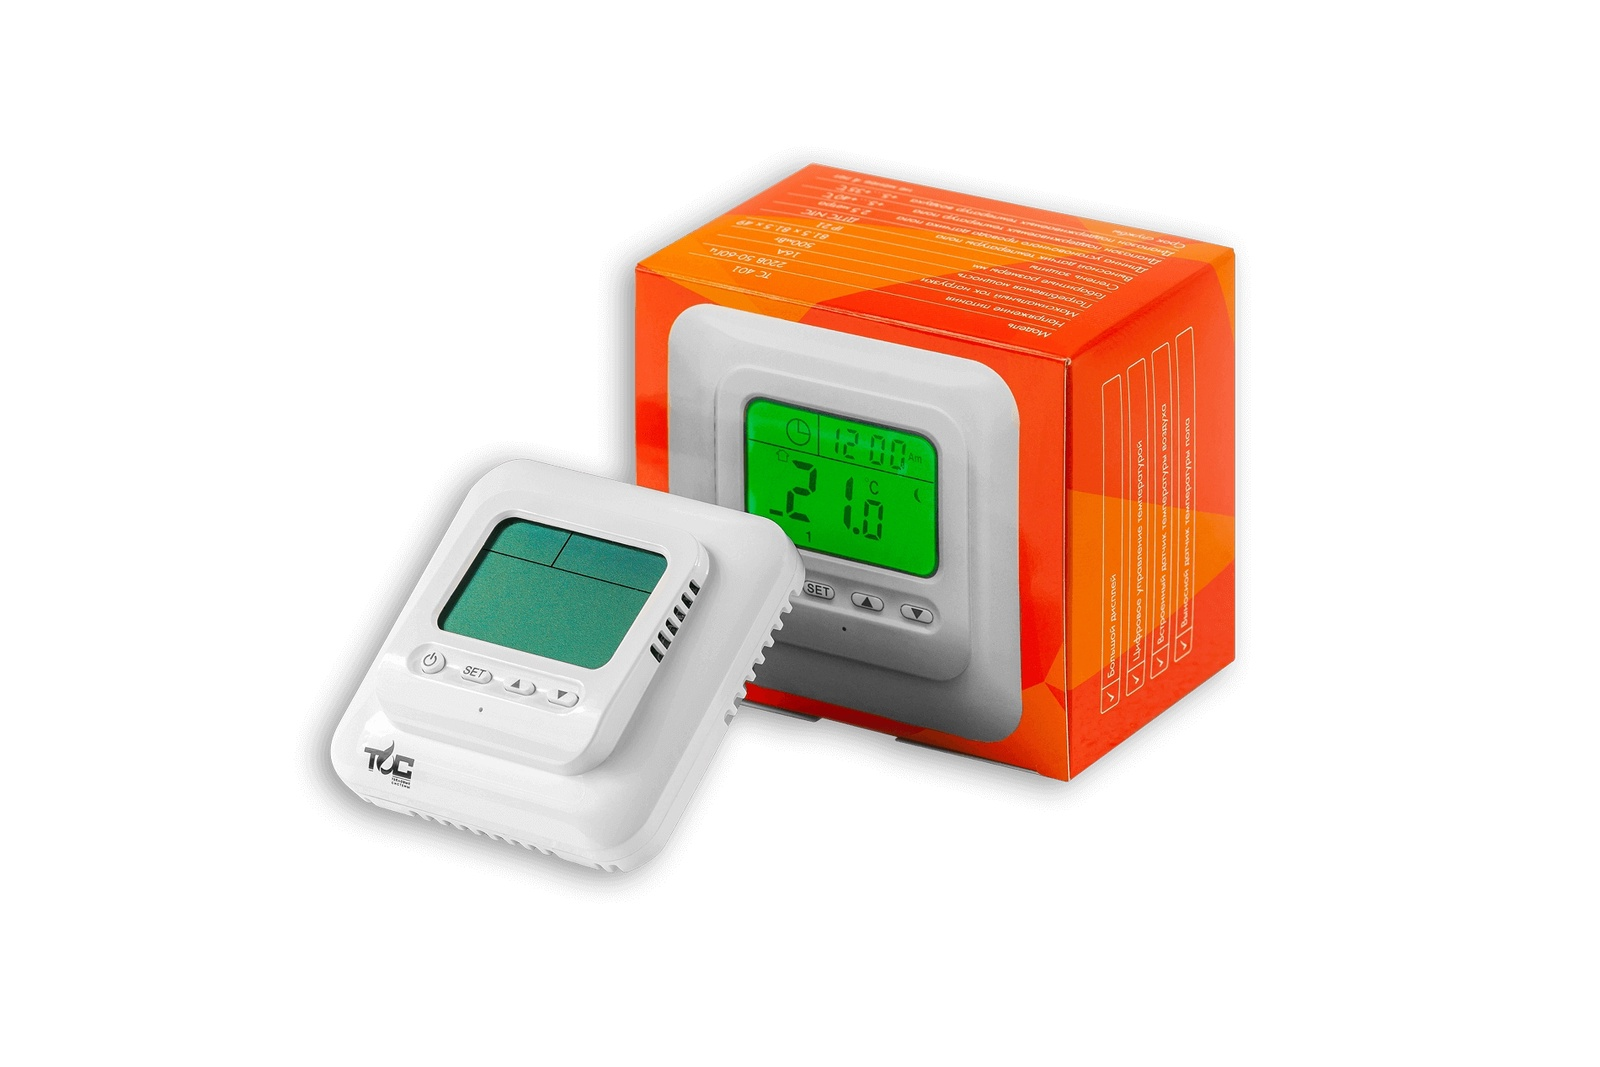 Терморегулятор теплого пола Теплый пол №1 ТС 401, ТС 401 цена